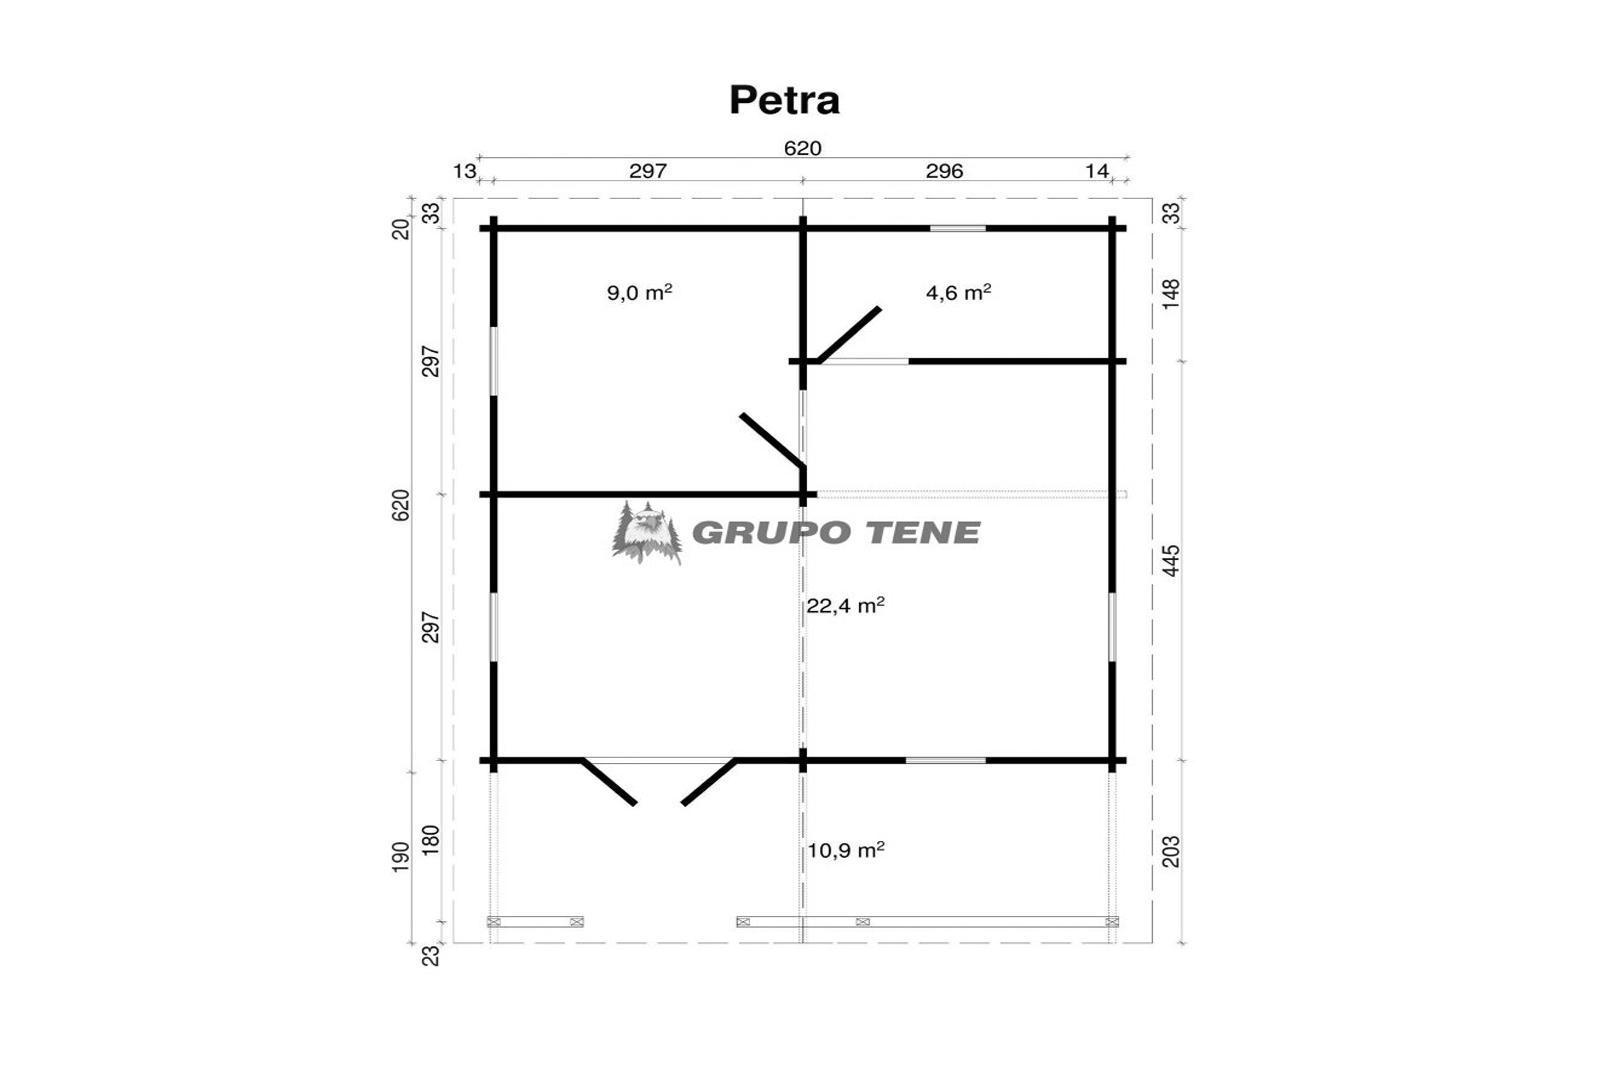 petra-plano